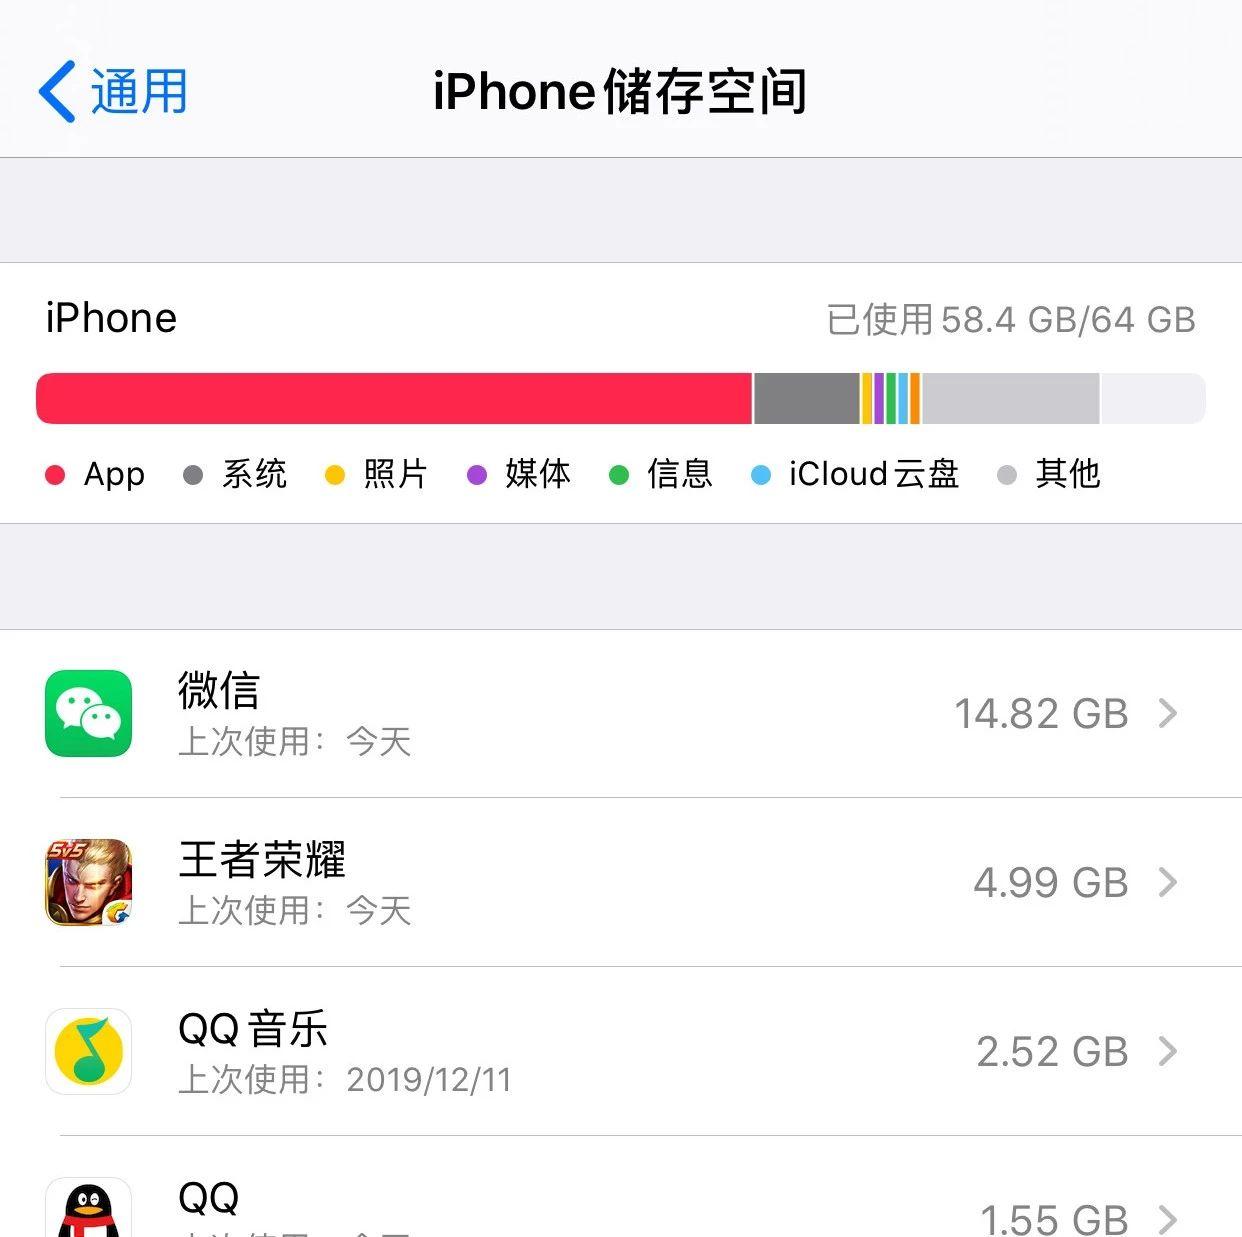 iPhone 如何保留微信聊天记录,同时清理缓存?